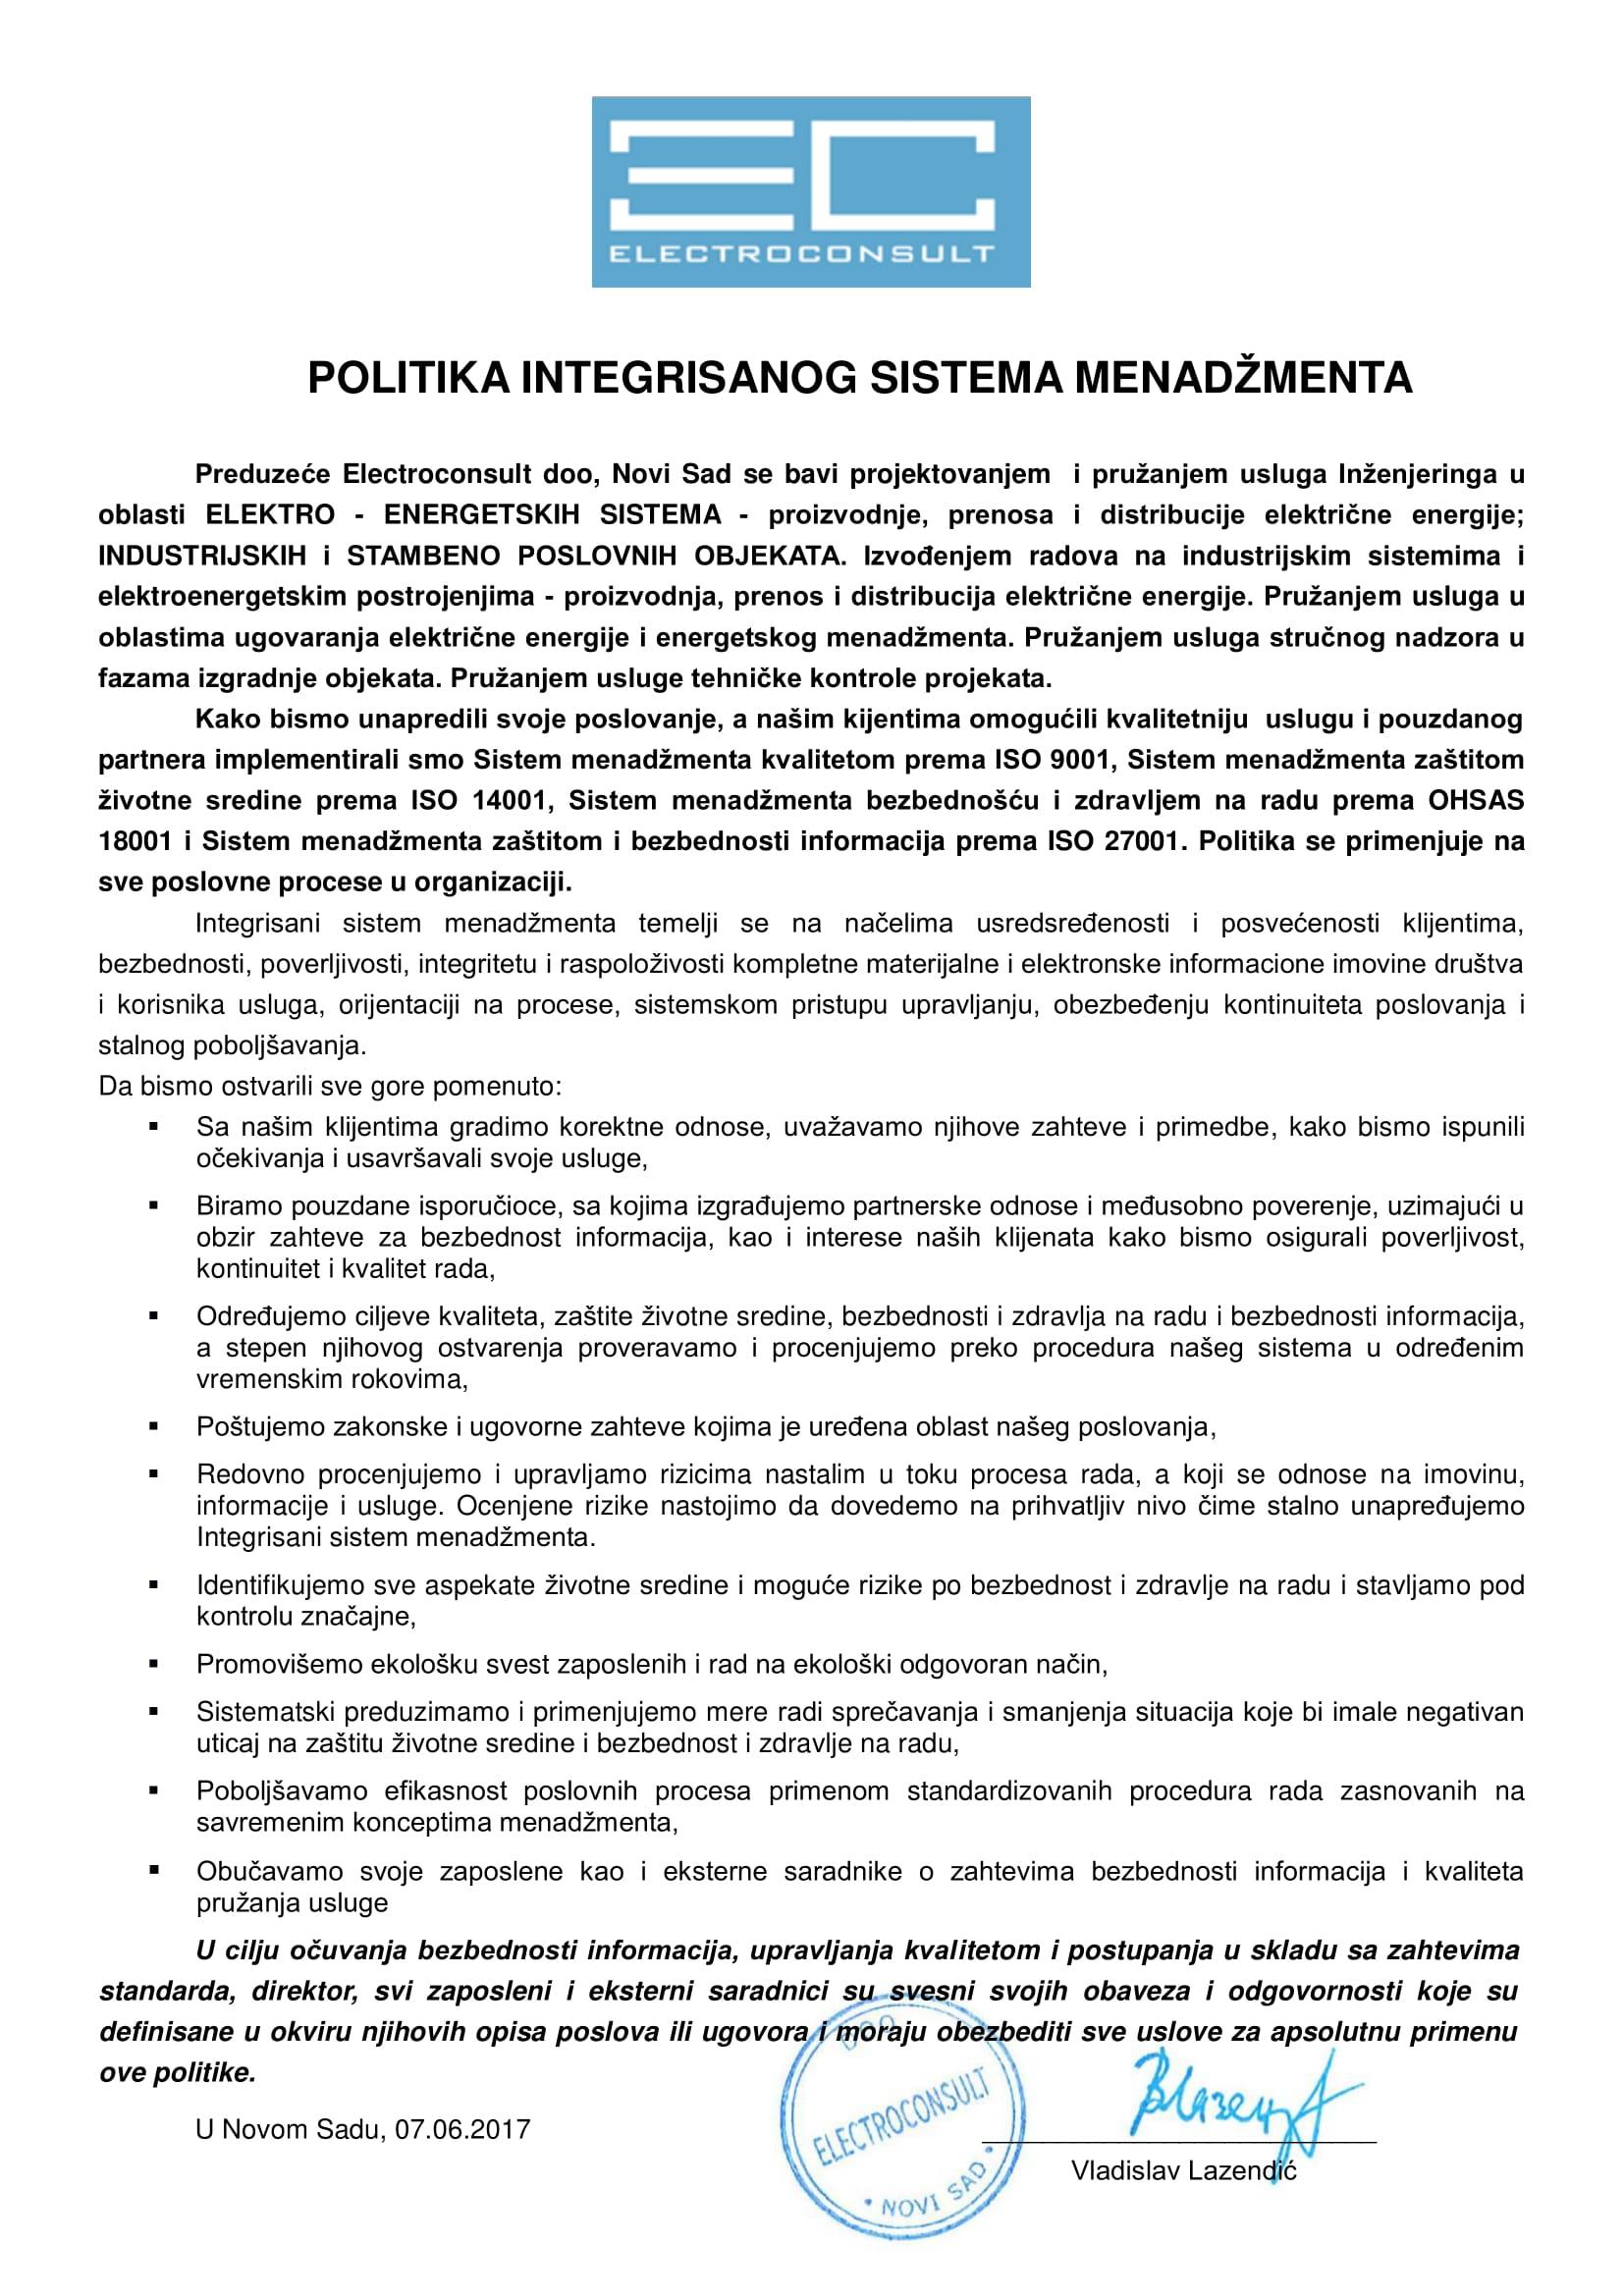 POLITIKA IMS 07.06.2017 potpisana-1